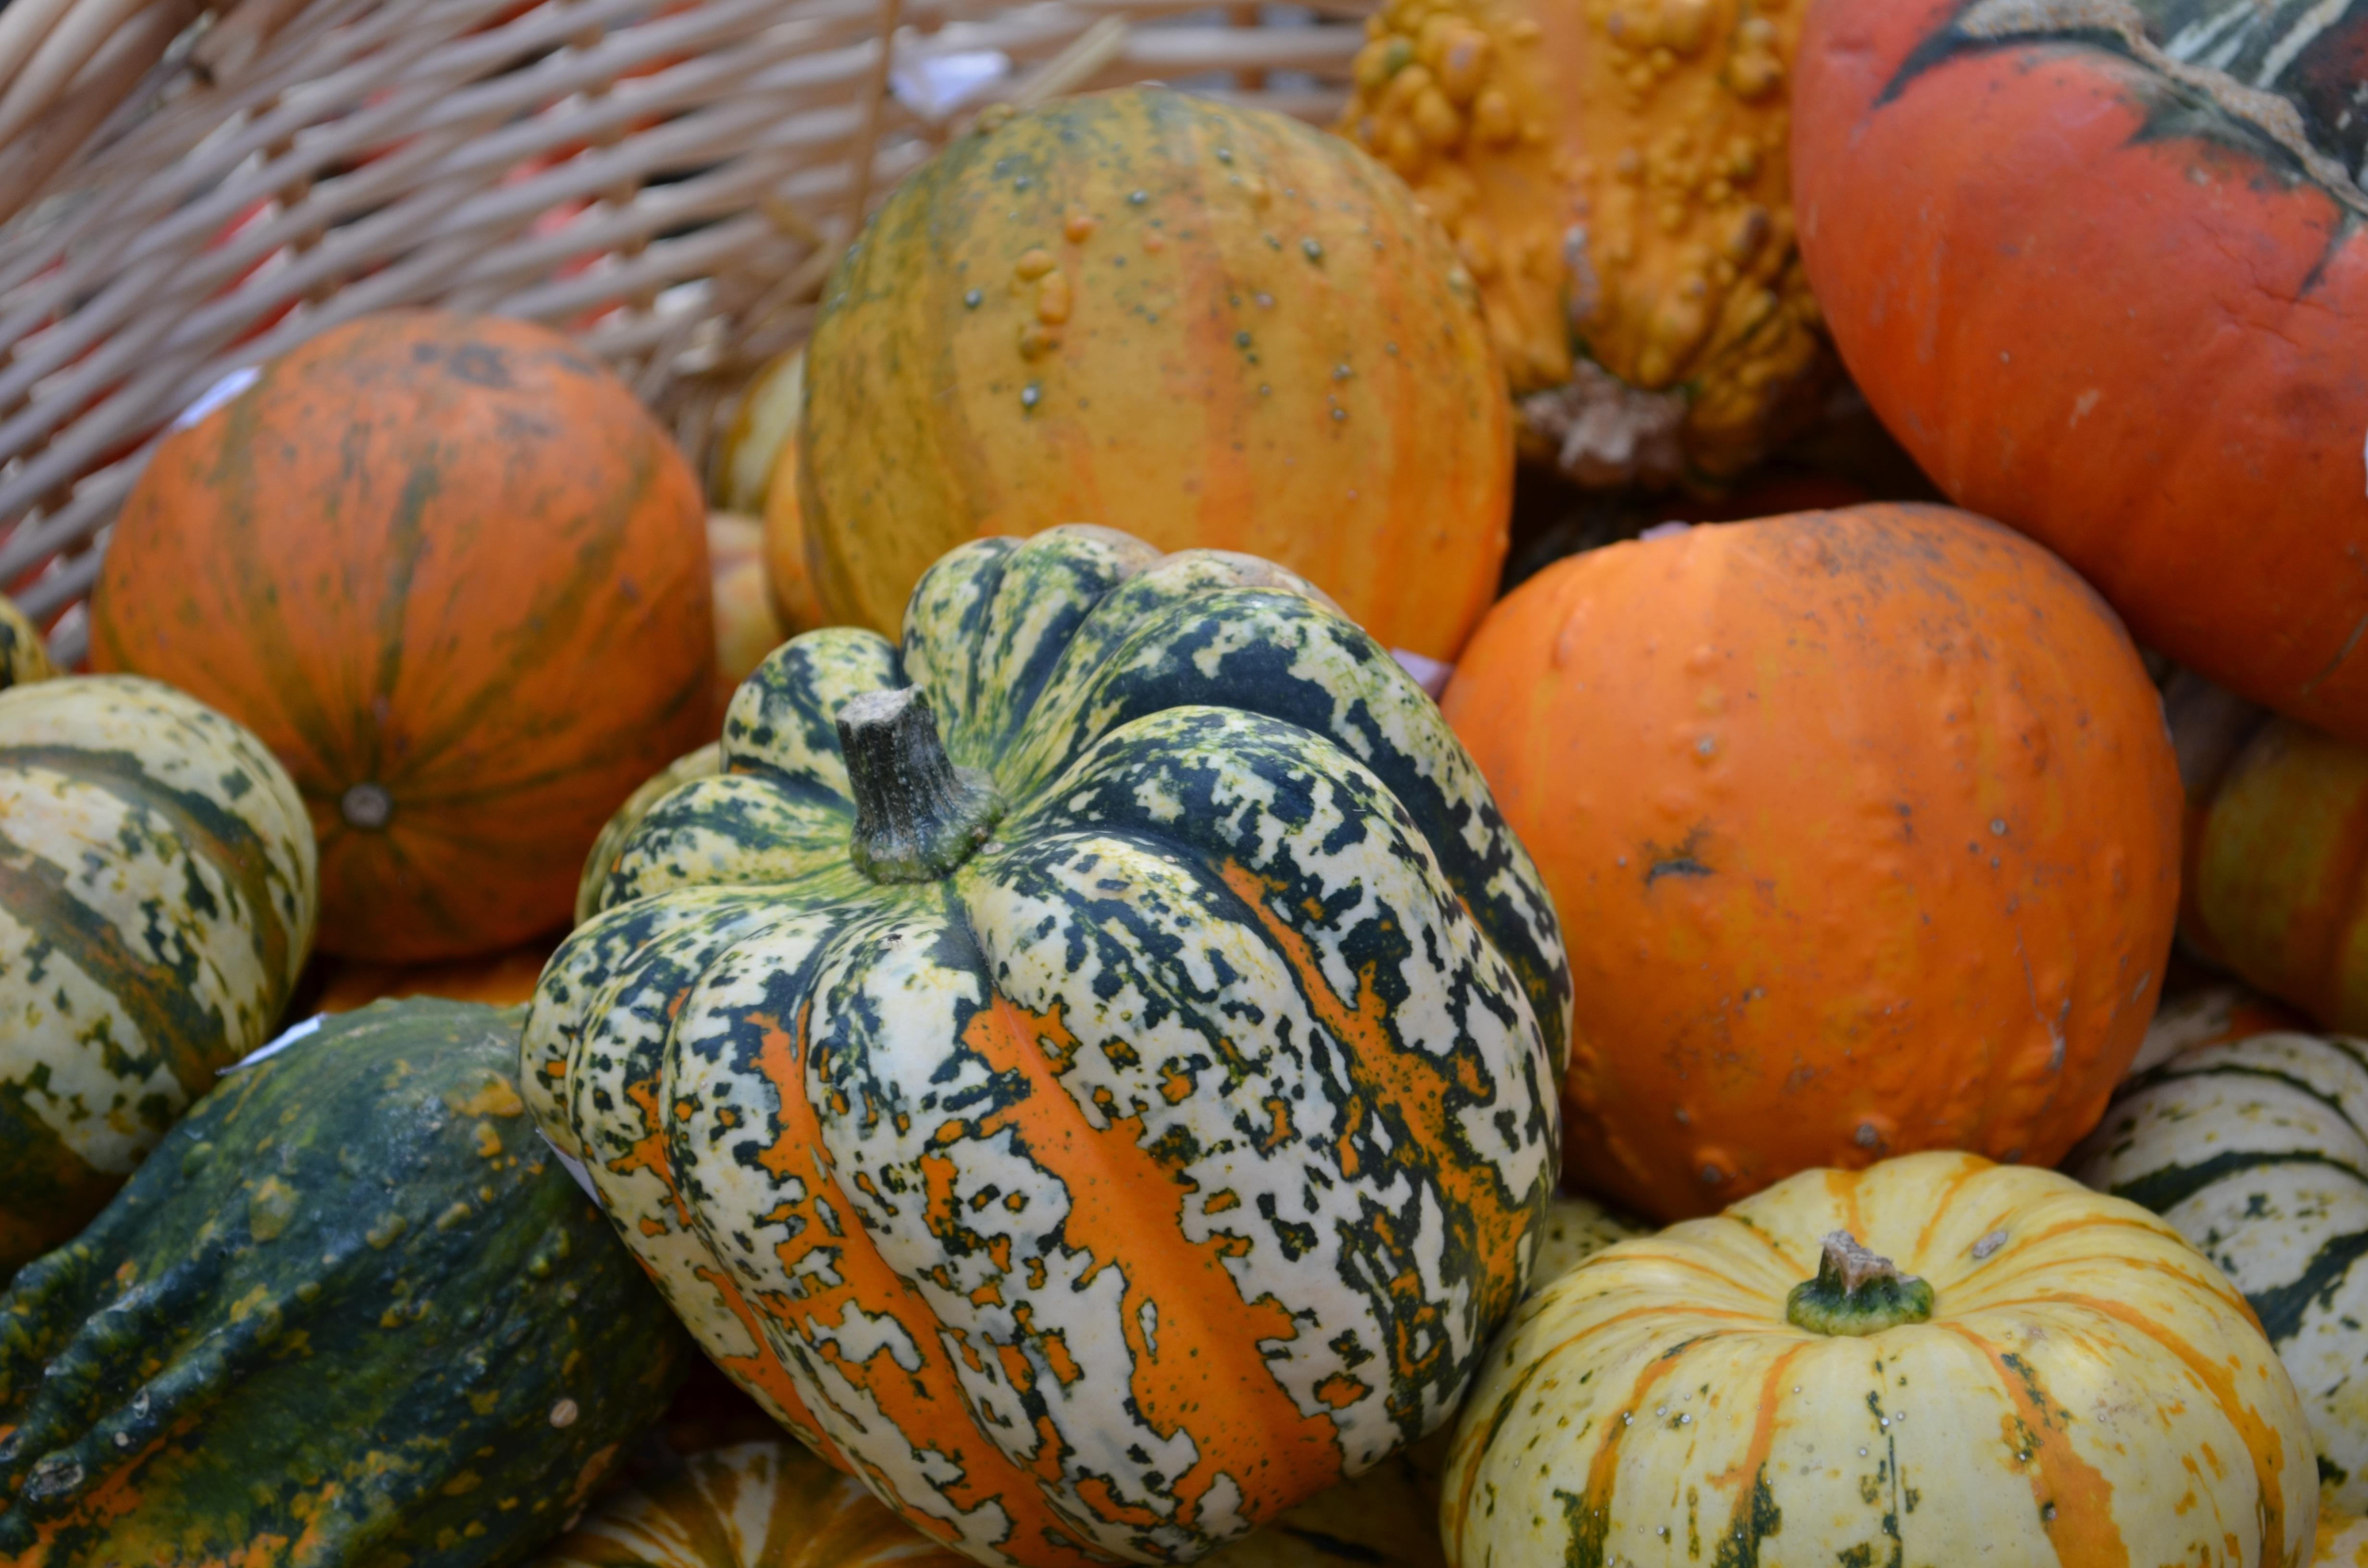 vegetales vegetariano calabaza tallado diciembre noviembre octubre vitaminas comestible calabazas cucurbita hola hokkaido decoracin